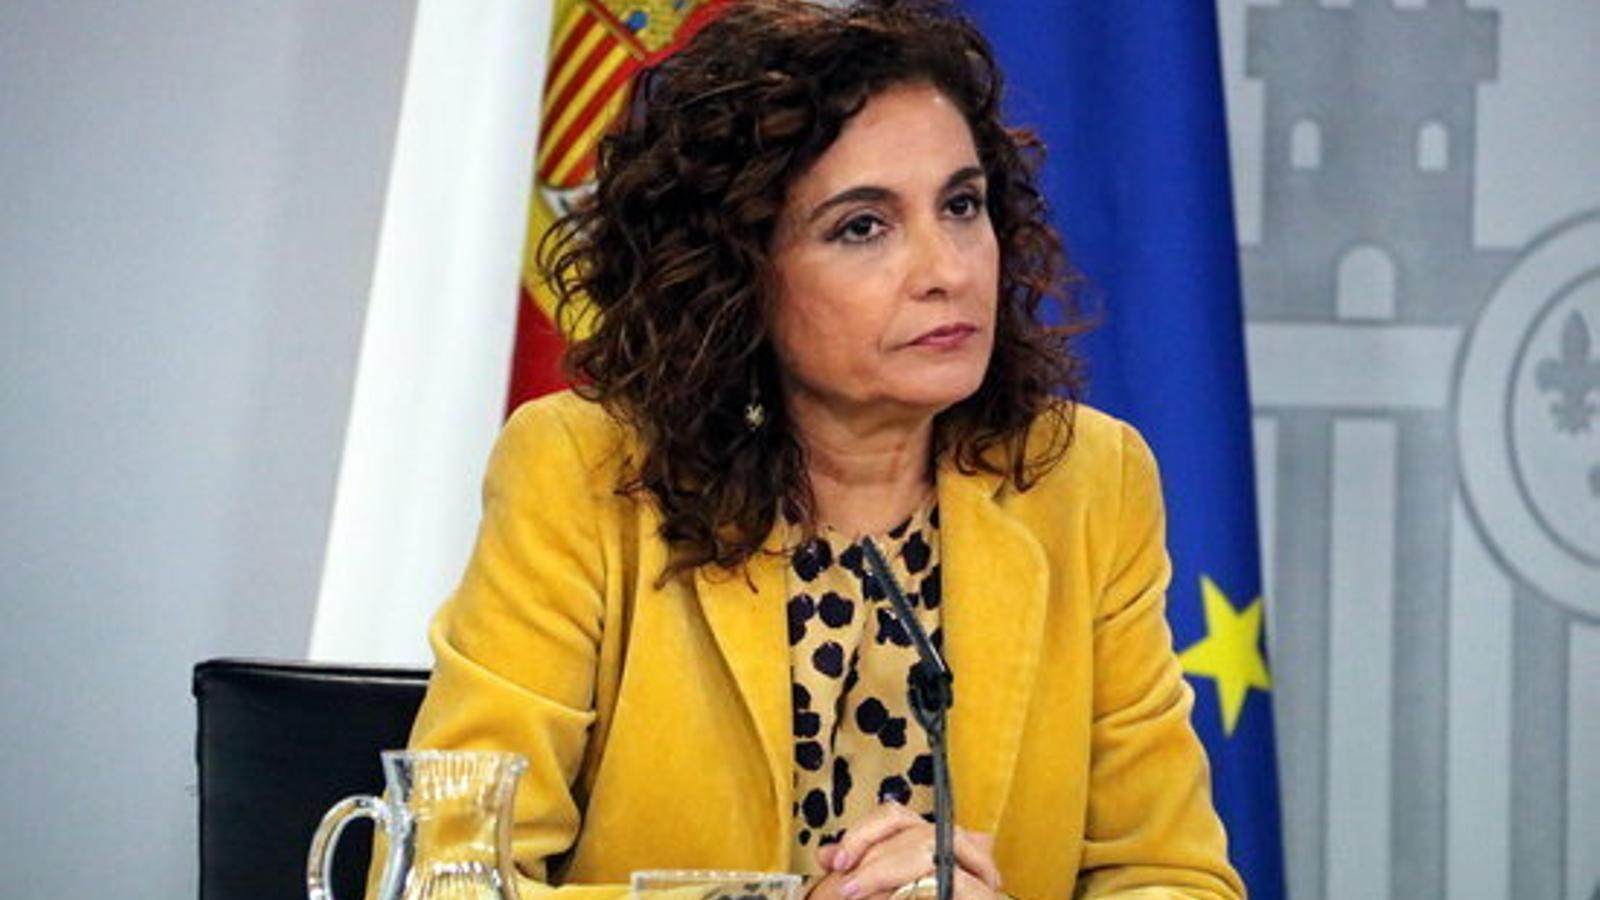 El consell de ministres aprova la pròrroga de l'estat d'alarma fins al 26 d'abril i demana